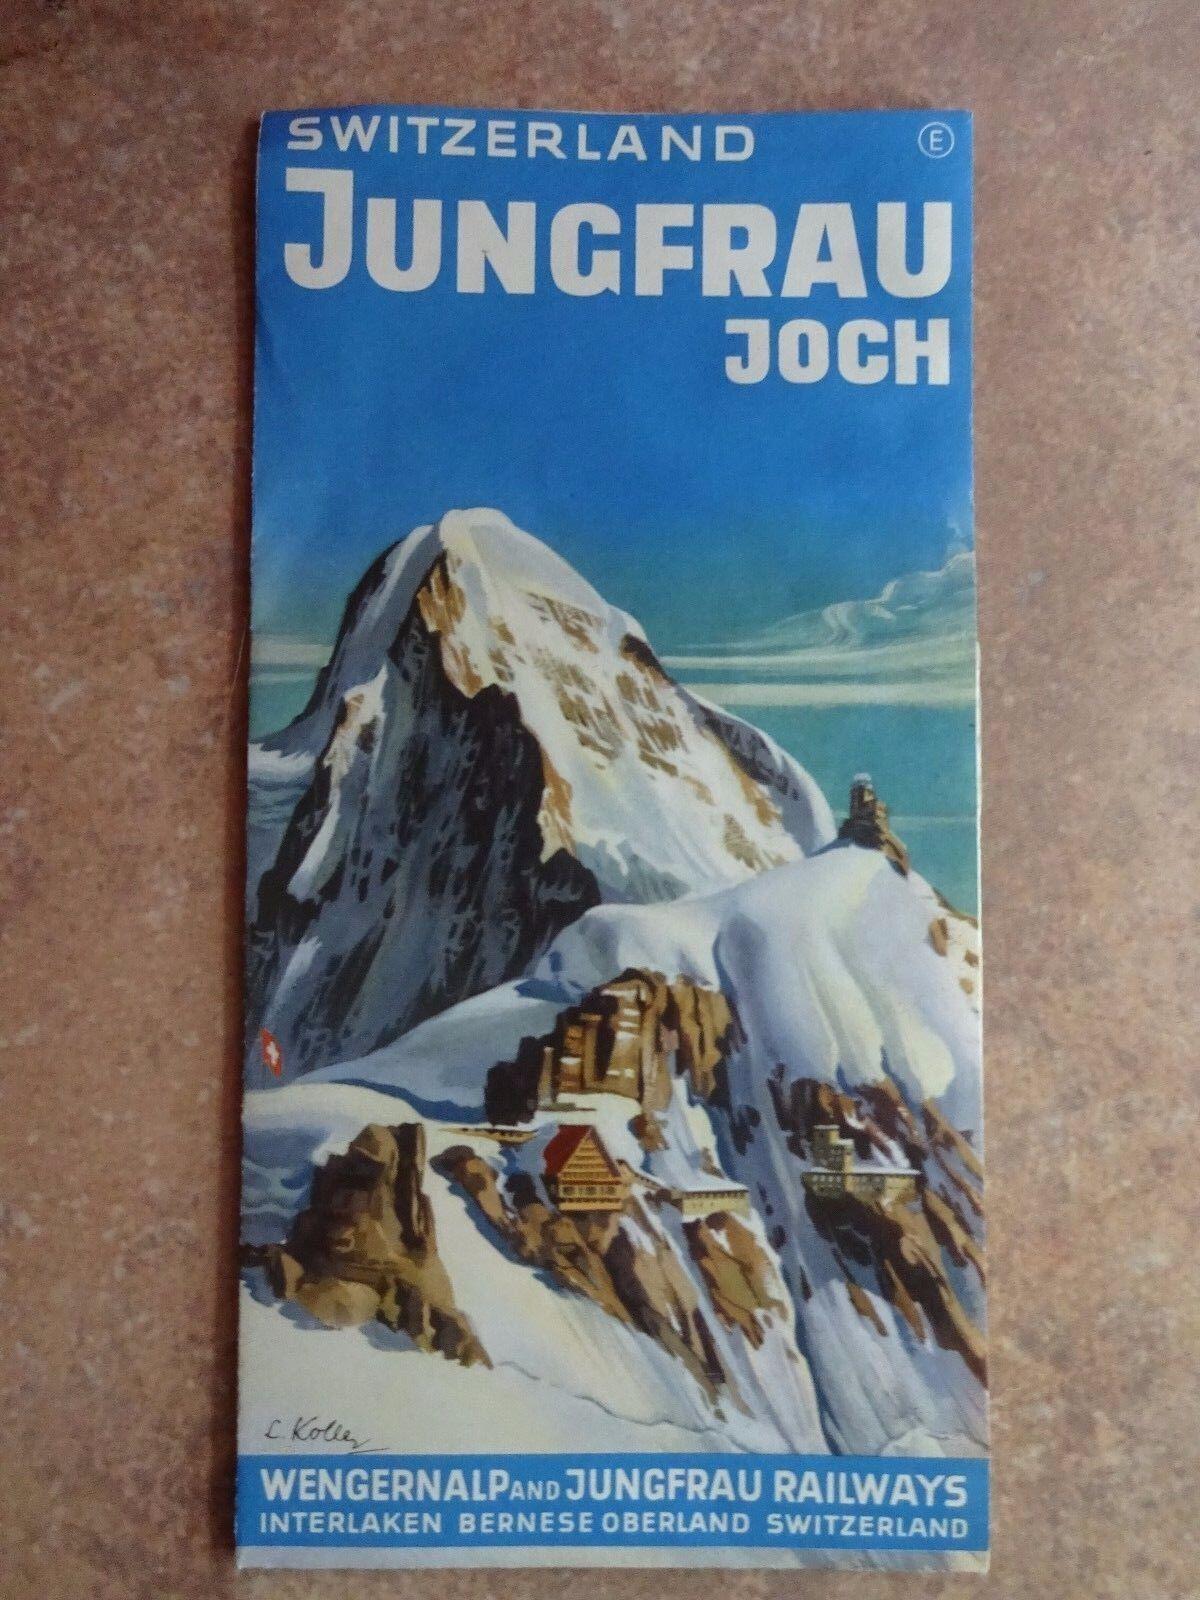 Lois Koller Voyage Brochure - c.Années 1950 - Suisse Jungfrau Joch & Bahn